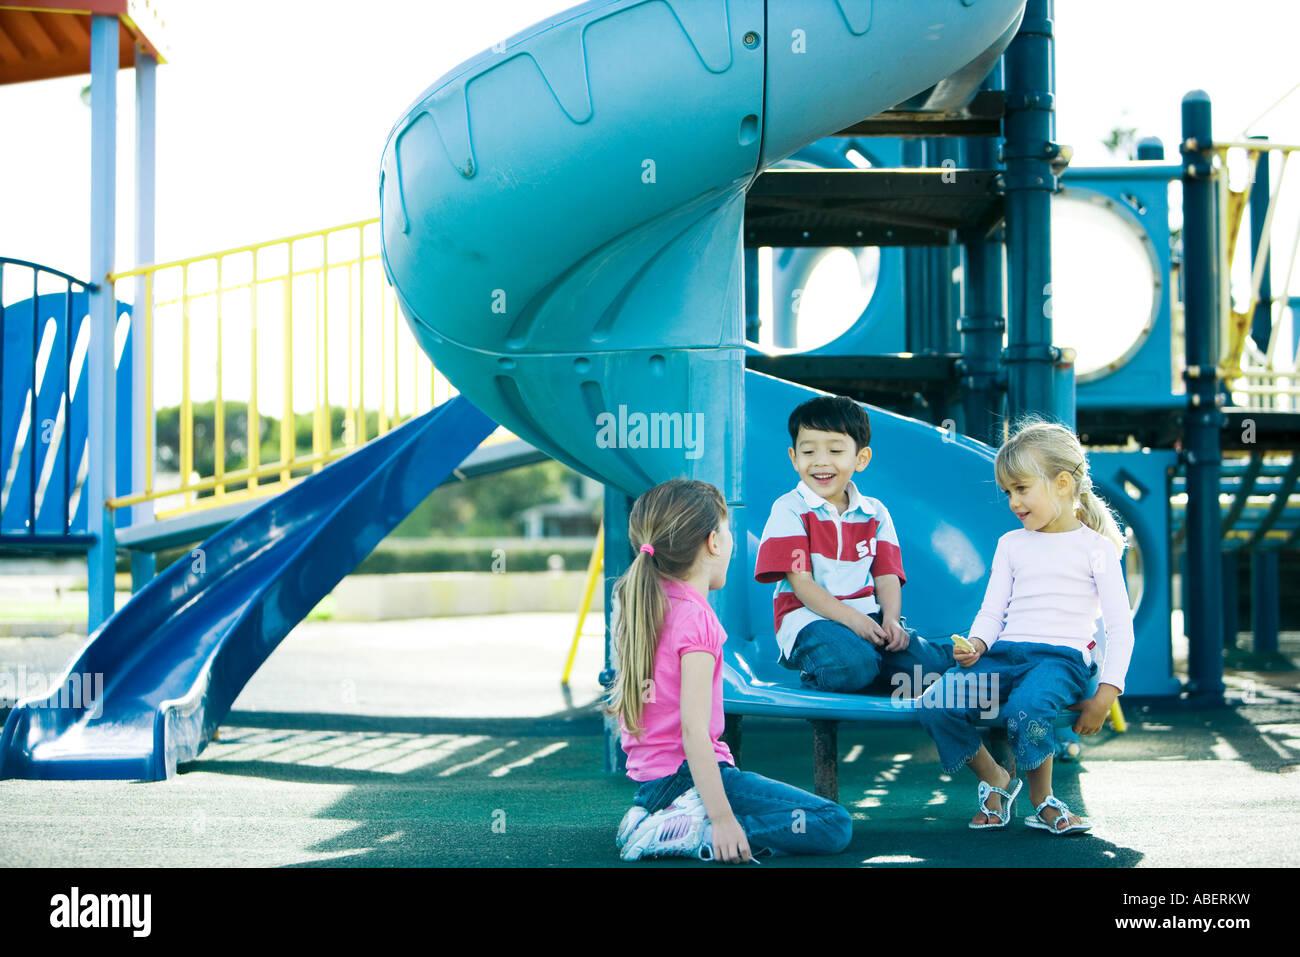 Children on playground equipment - Stock Image